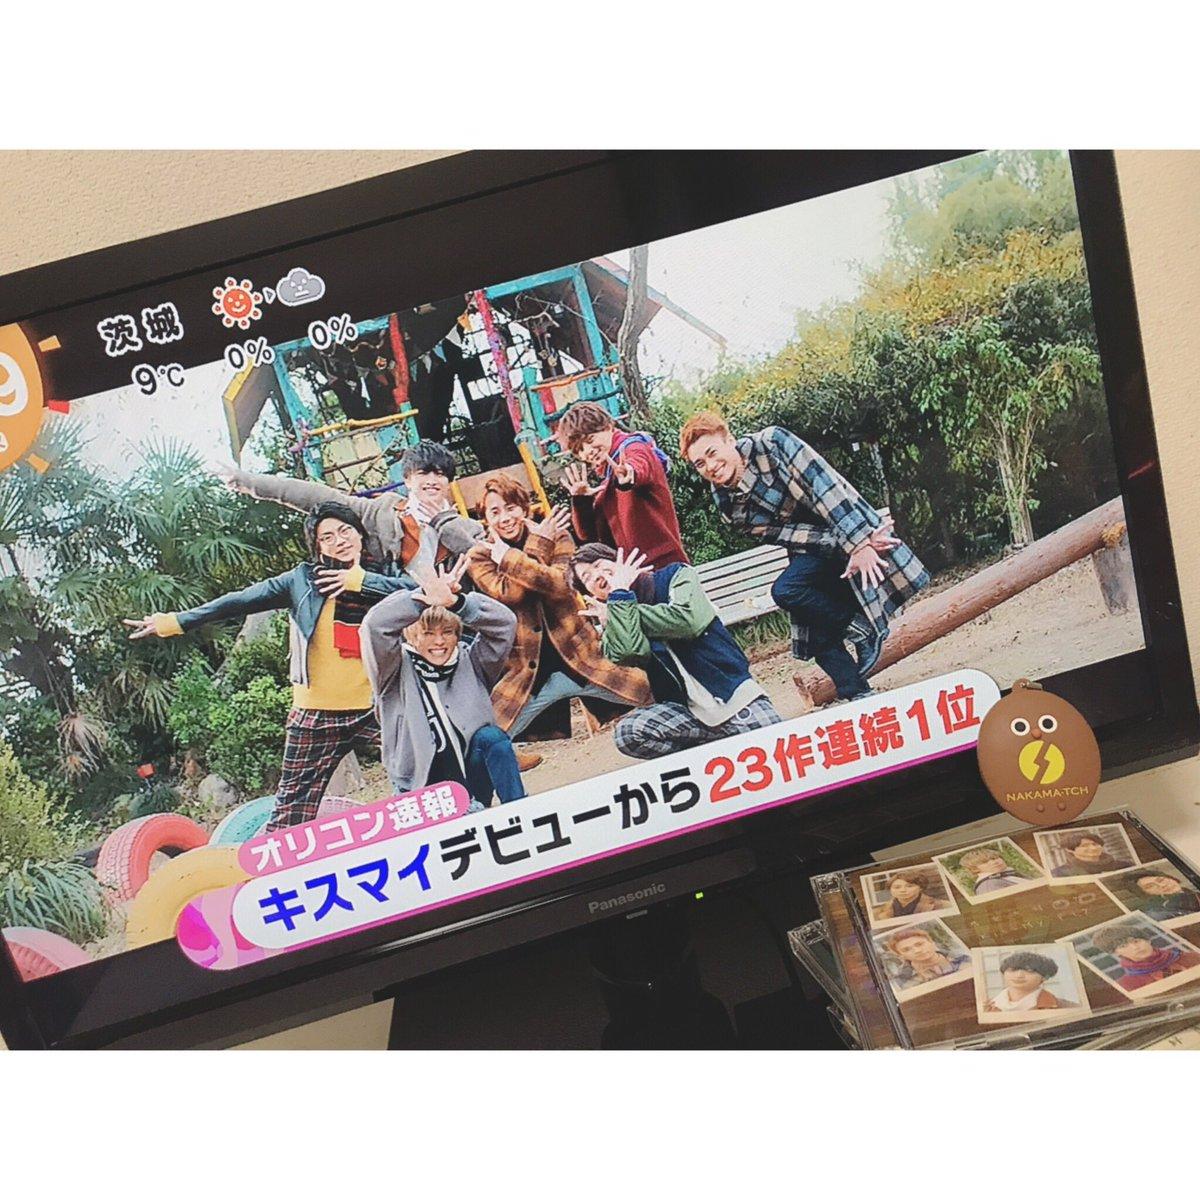 ぴ の's photo on #なかまっち大作戦大成功